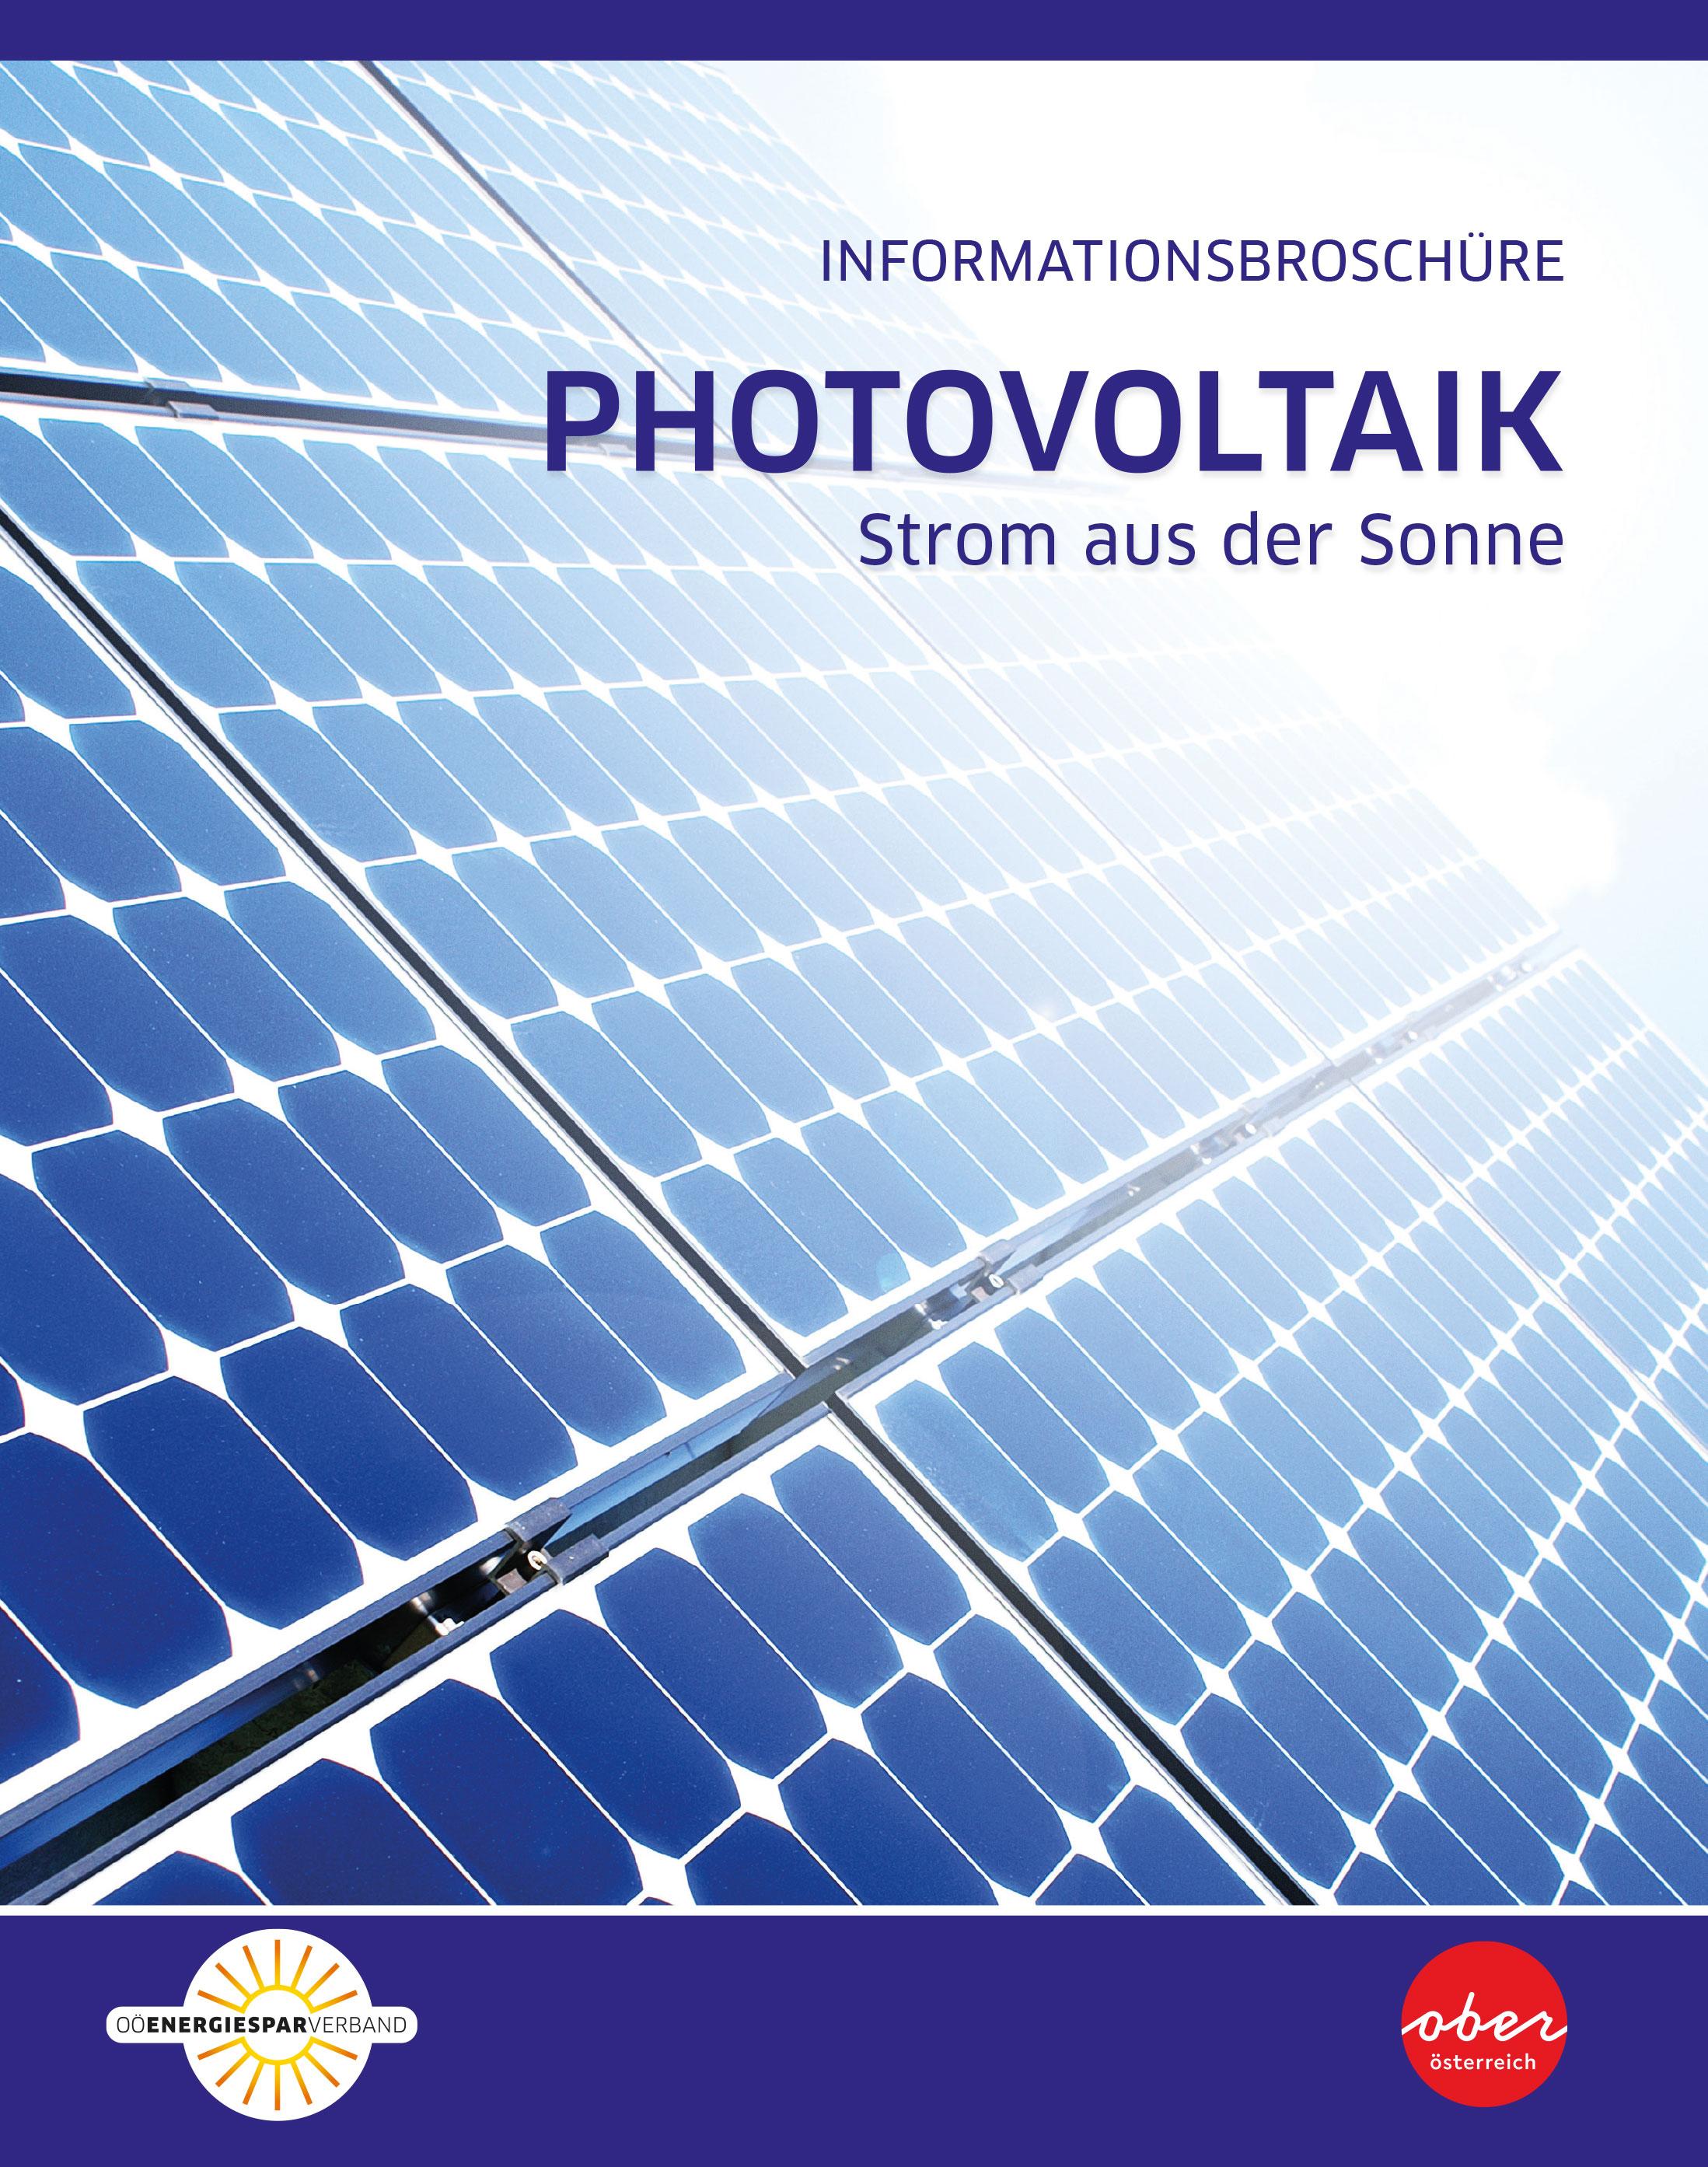 Photovoltaik - Strom aus der Sonne